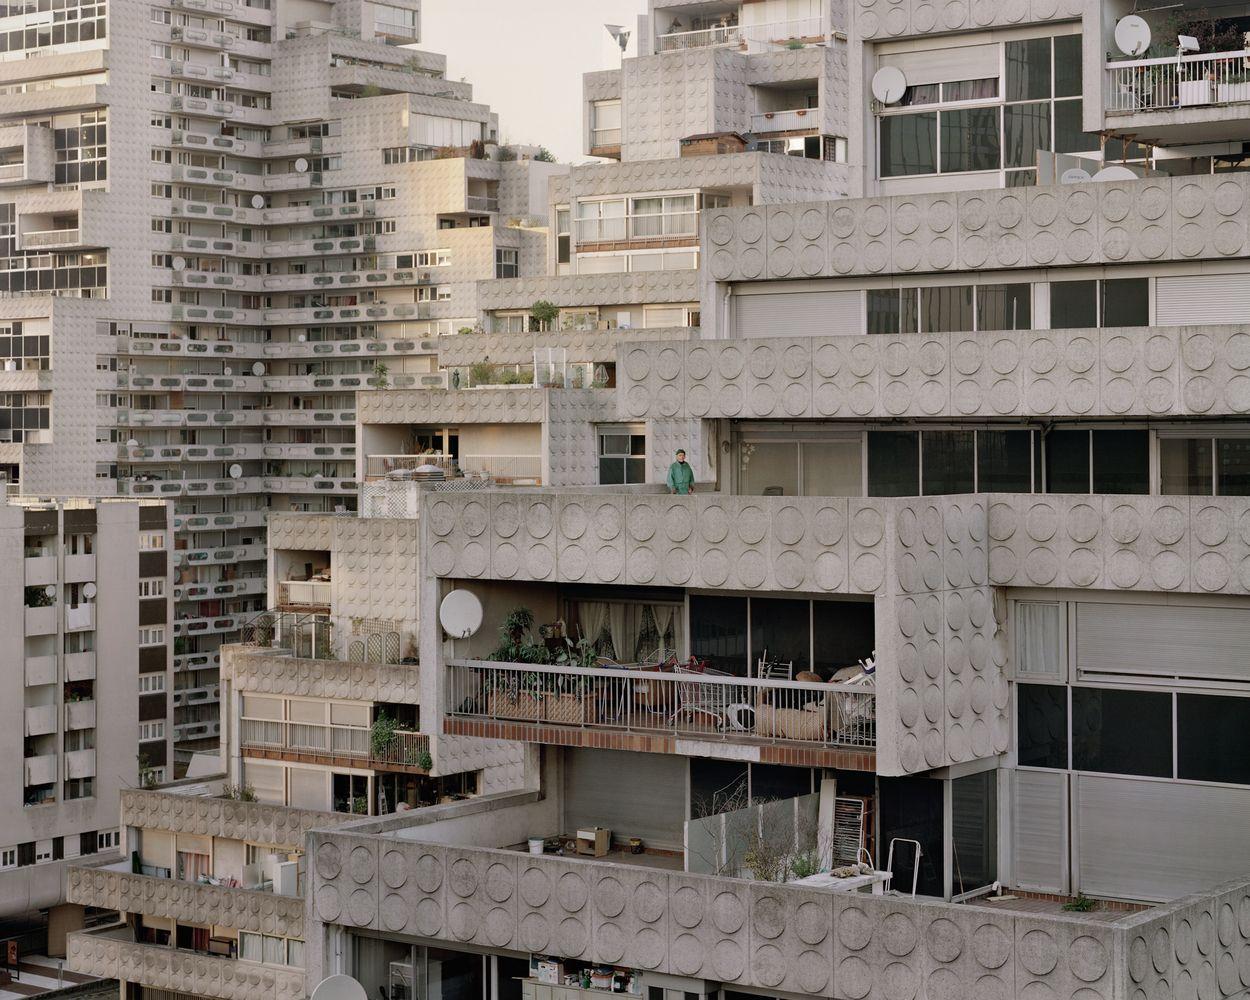 El sueño utópico de Ricardo Bofill: Conjuntos posmodernos en Noisy-le-Grand,José, 89 años, Les Damiers, Courbevoie, 2012. Imagen ©  Laurent Kronental